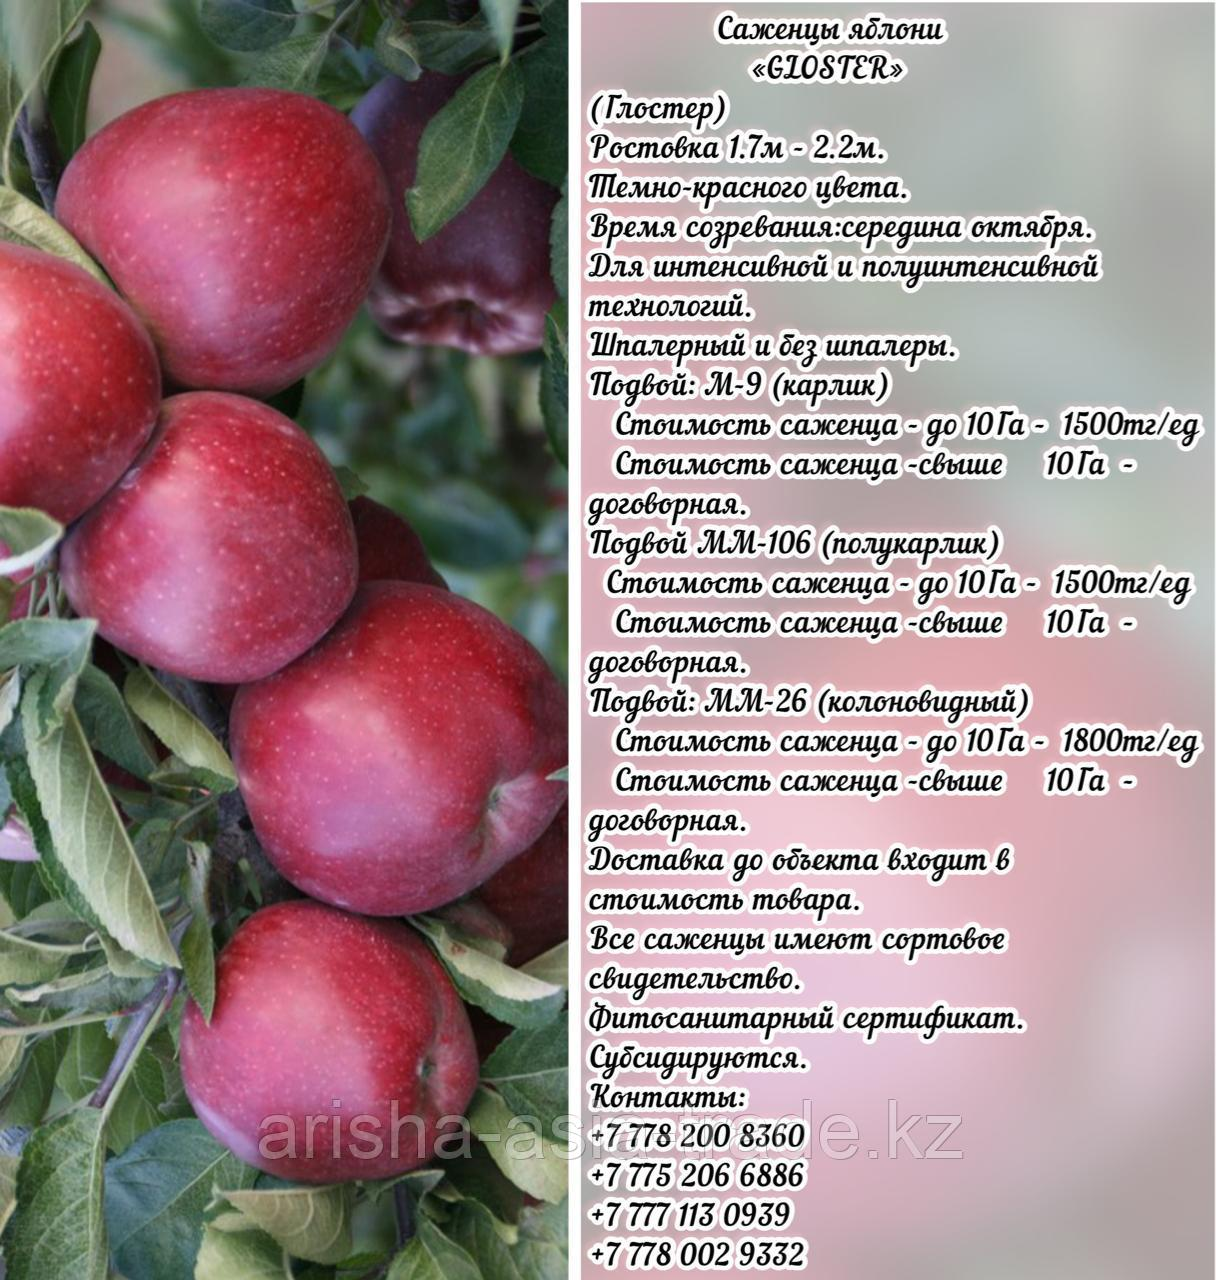 """Саженцы яблони """"Gloster"""" (Глостер) подвой мм 106 Сербия"""